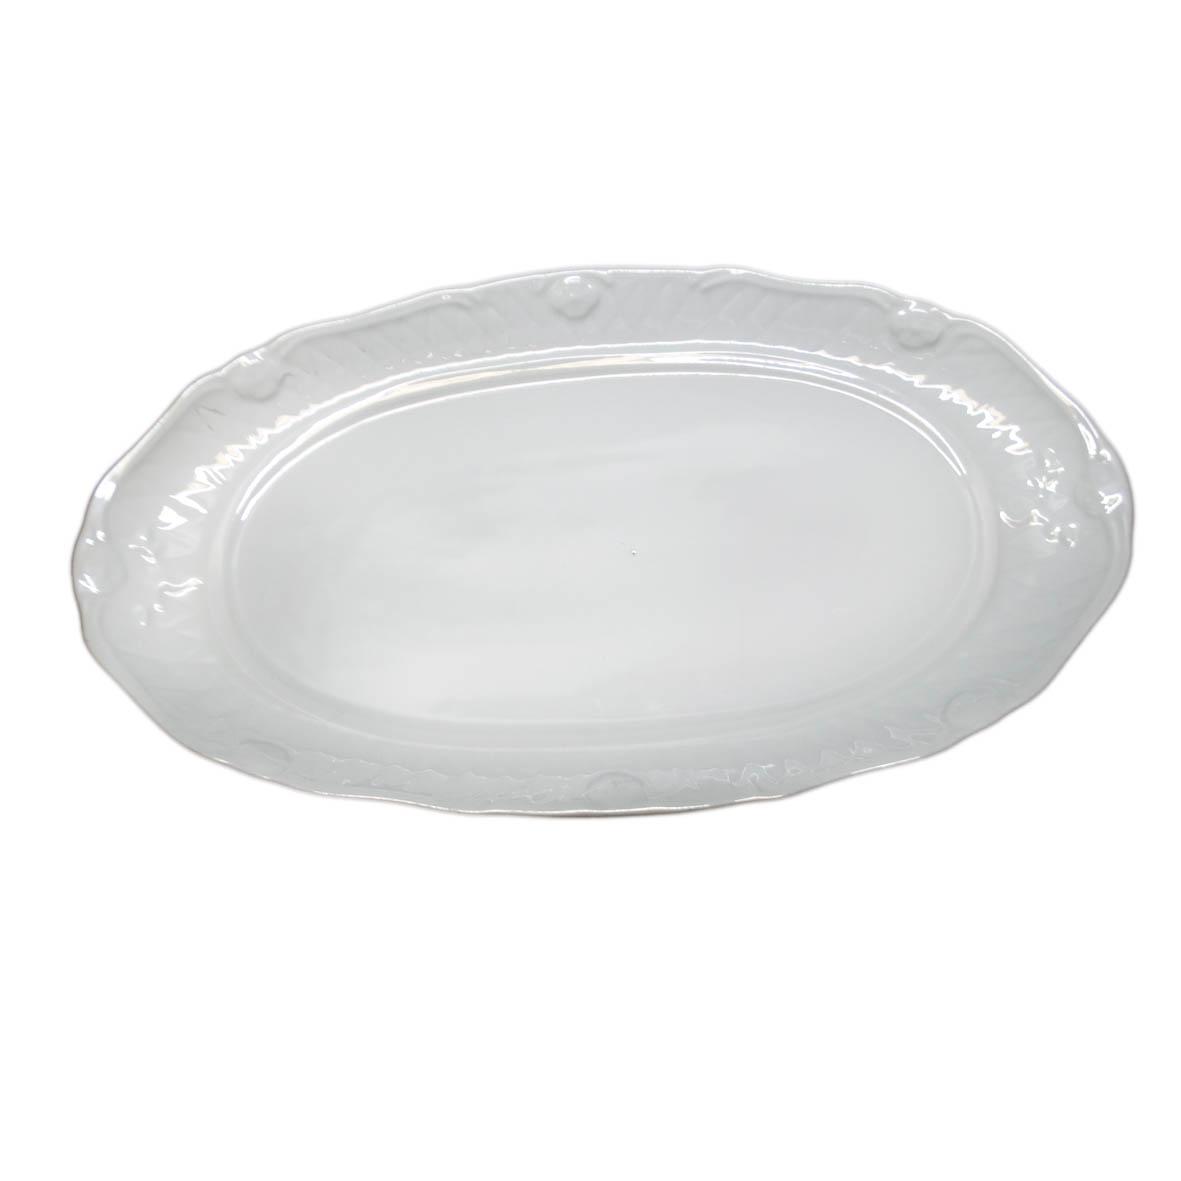 Travessa de Porcelana Oval 47x26x4